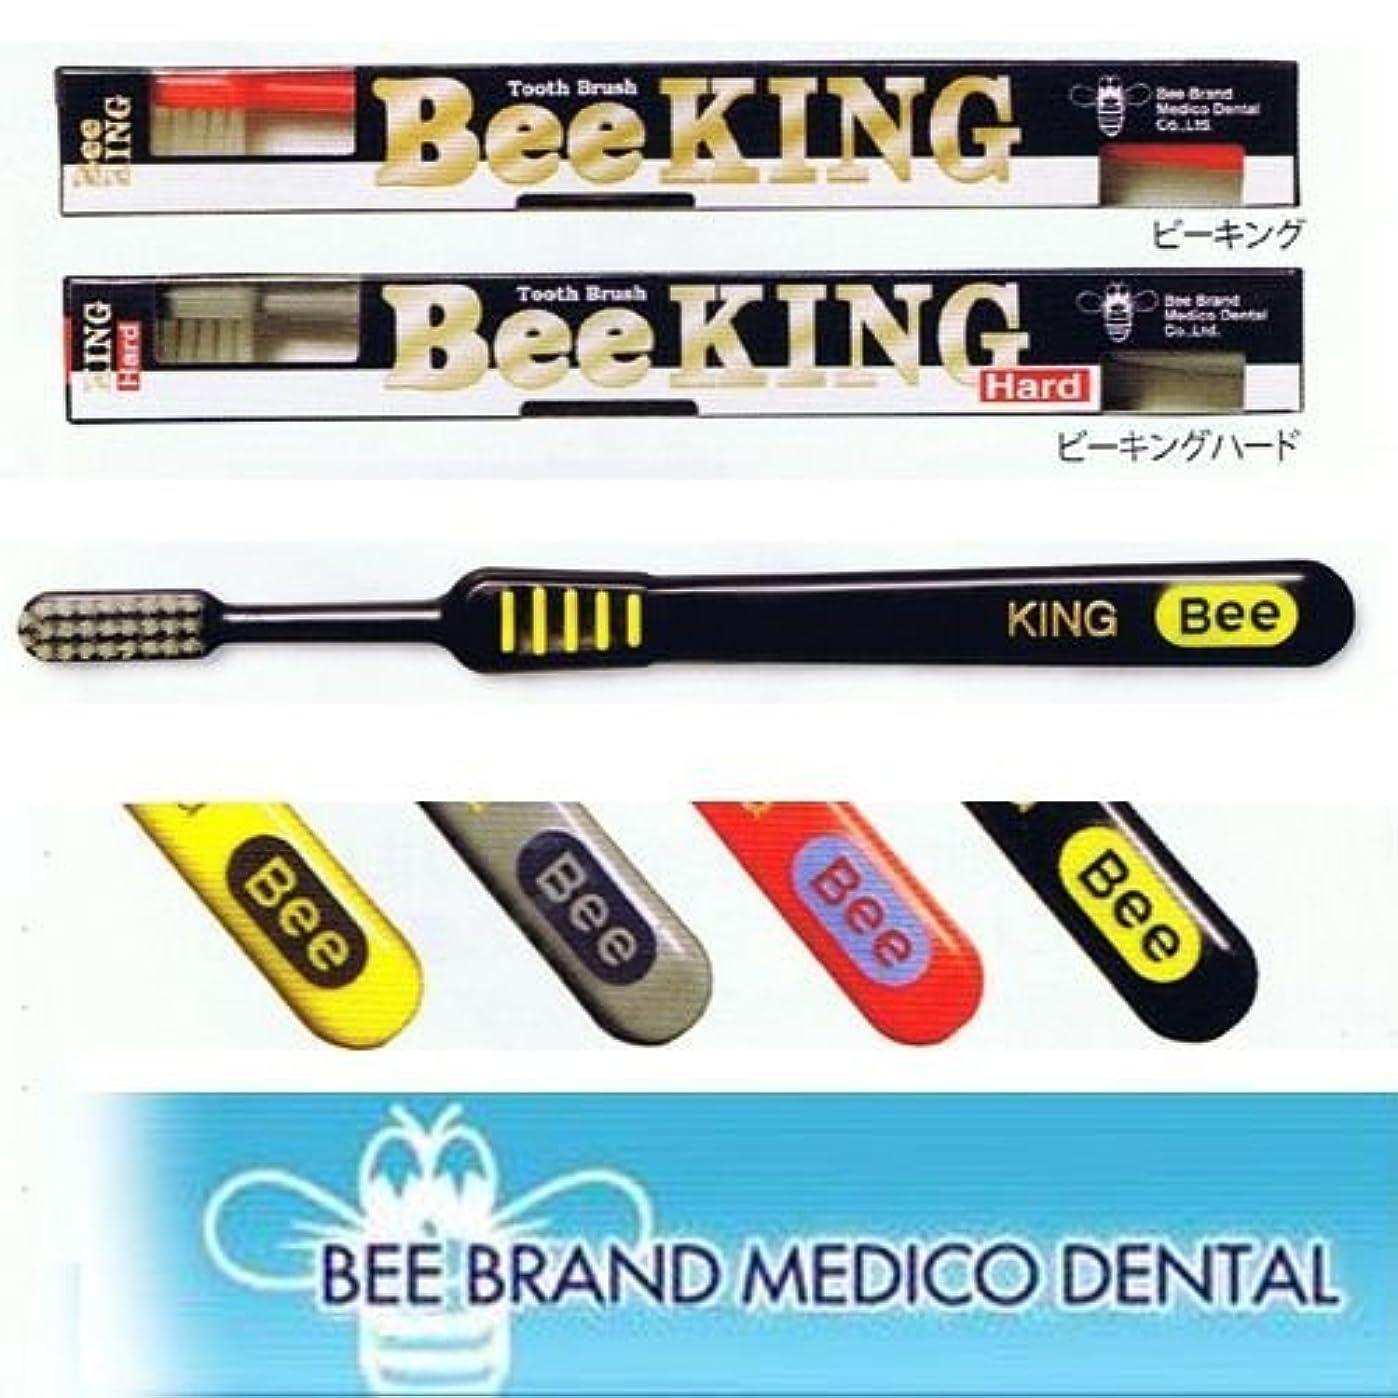 偏心チロモールス信号BeeBrand Dr.BEE 歯ブラシ キング ふつう